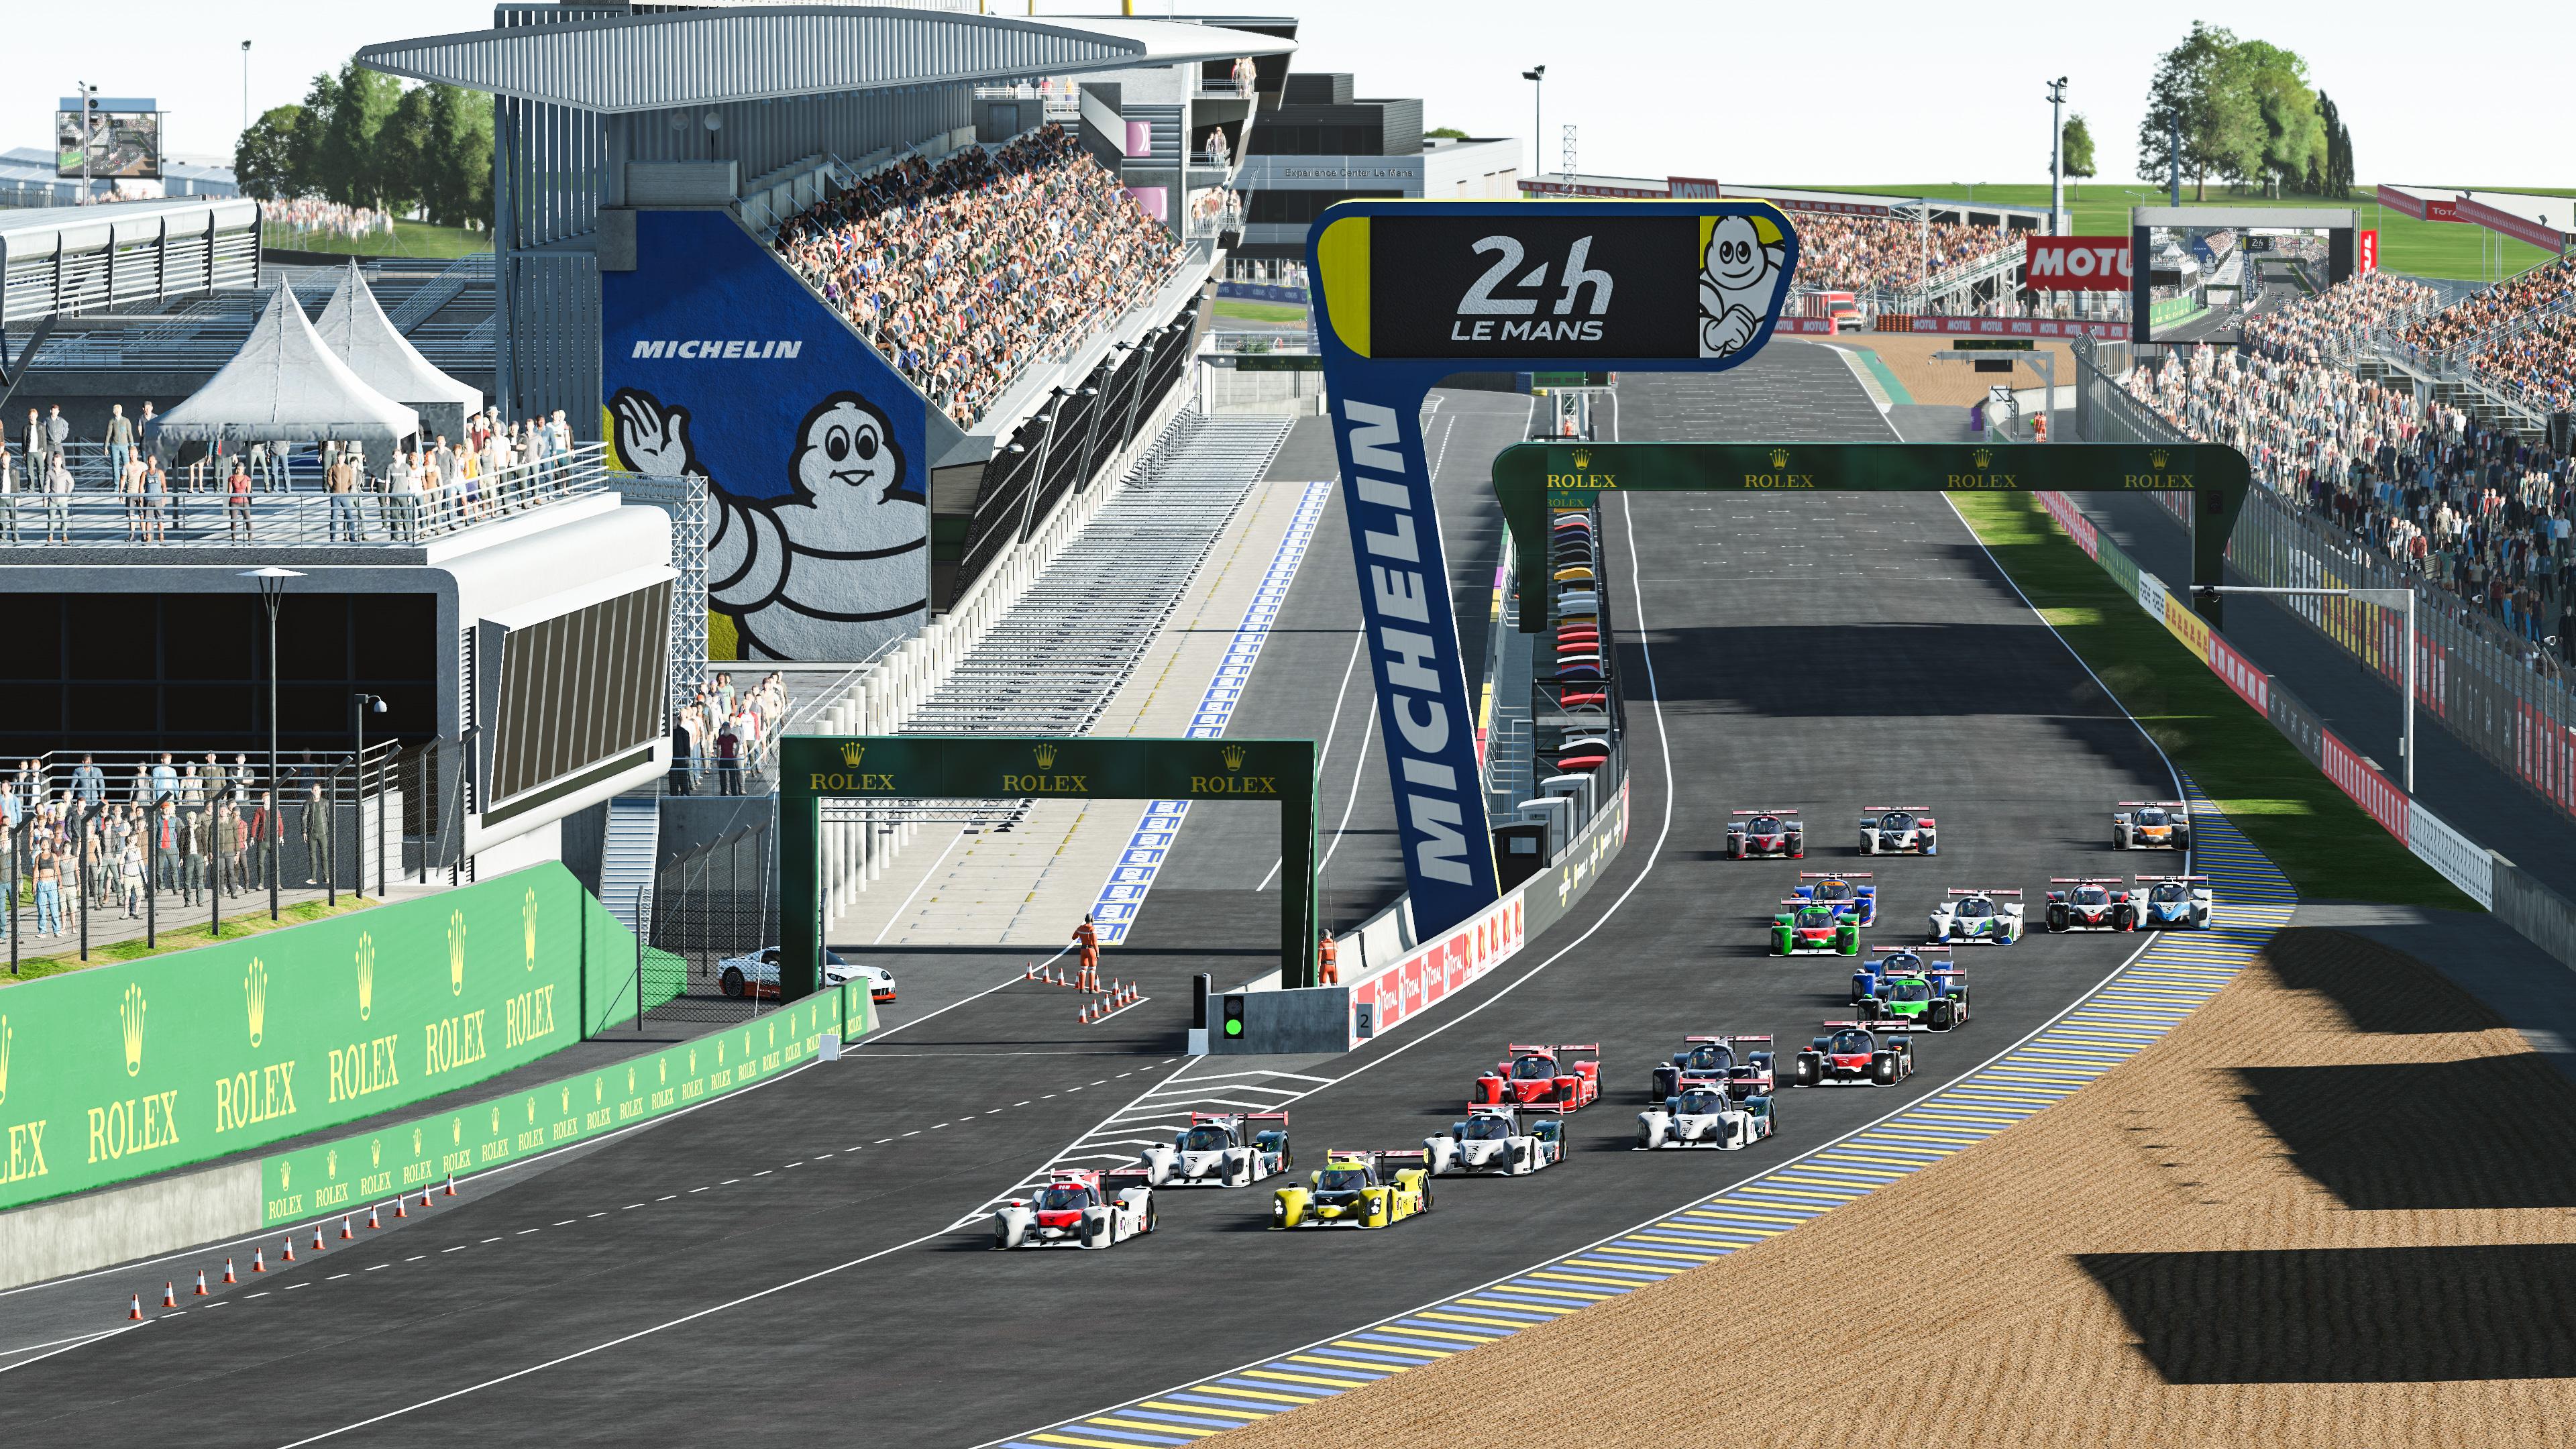 The Race All-Star Le Mans